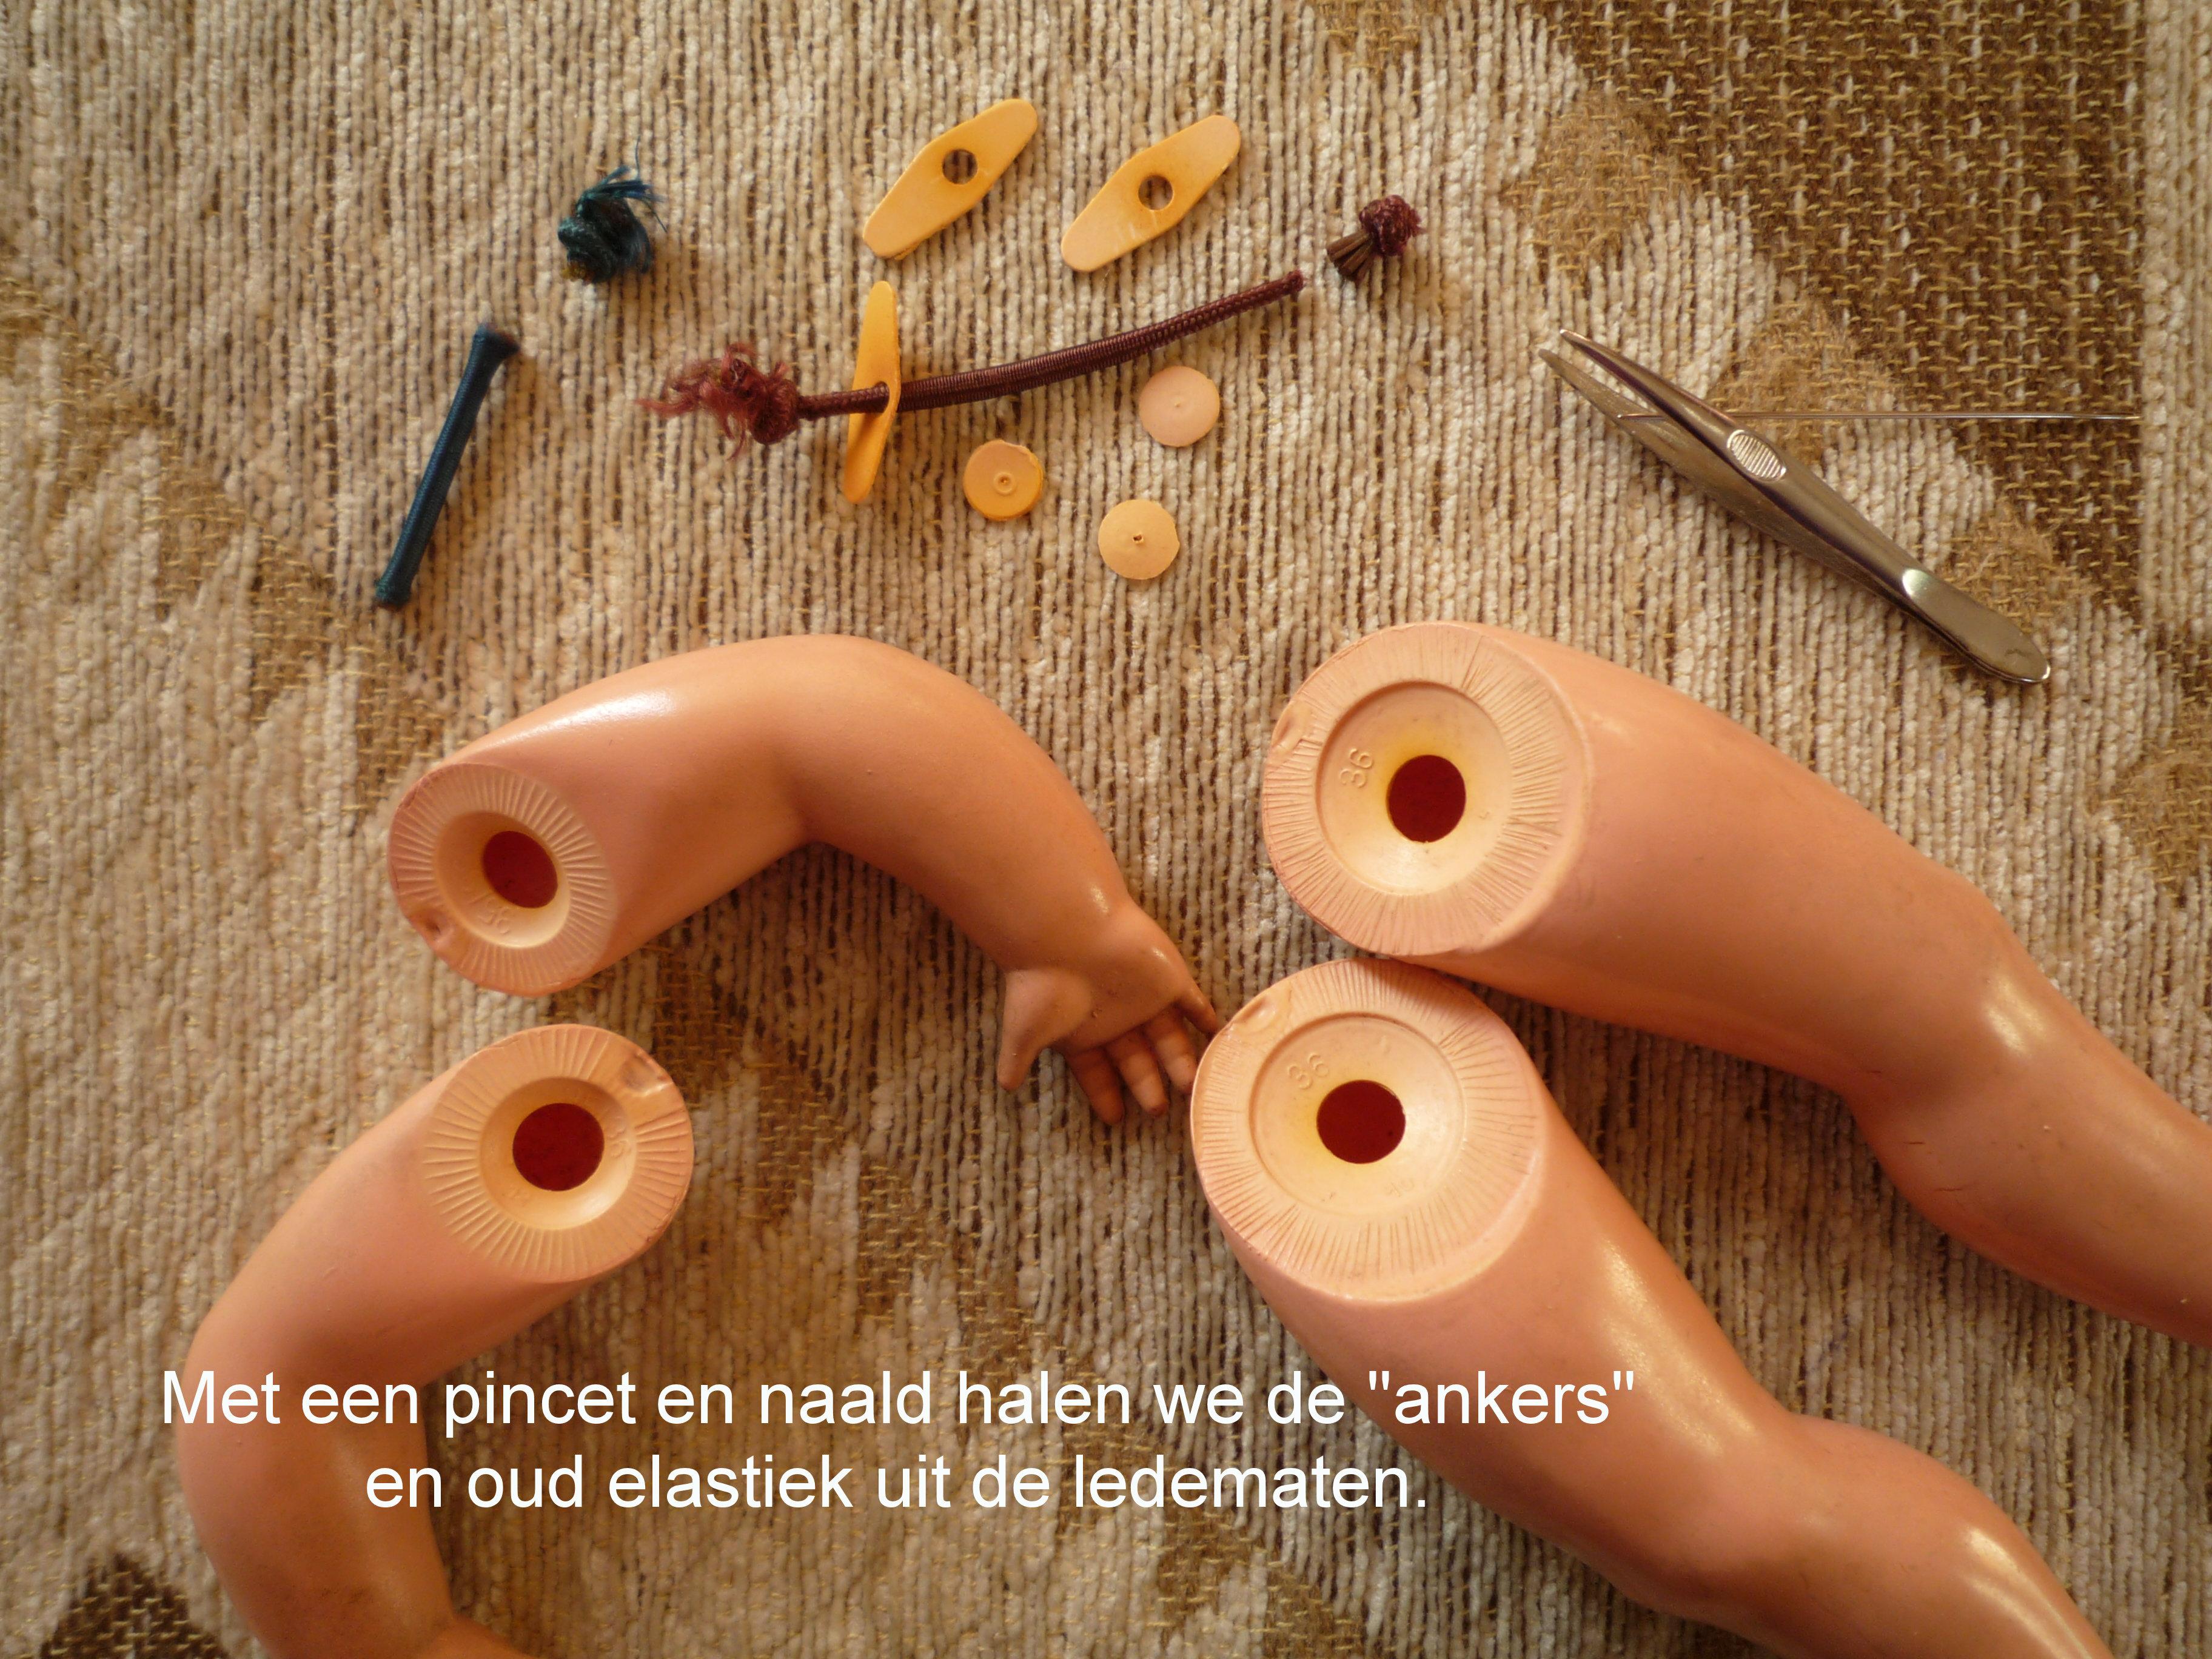 https://welkepopisdat.nl/afbeeldingen-Forum/DurvinaFotos/Mila%20(3).JPG